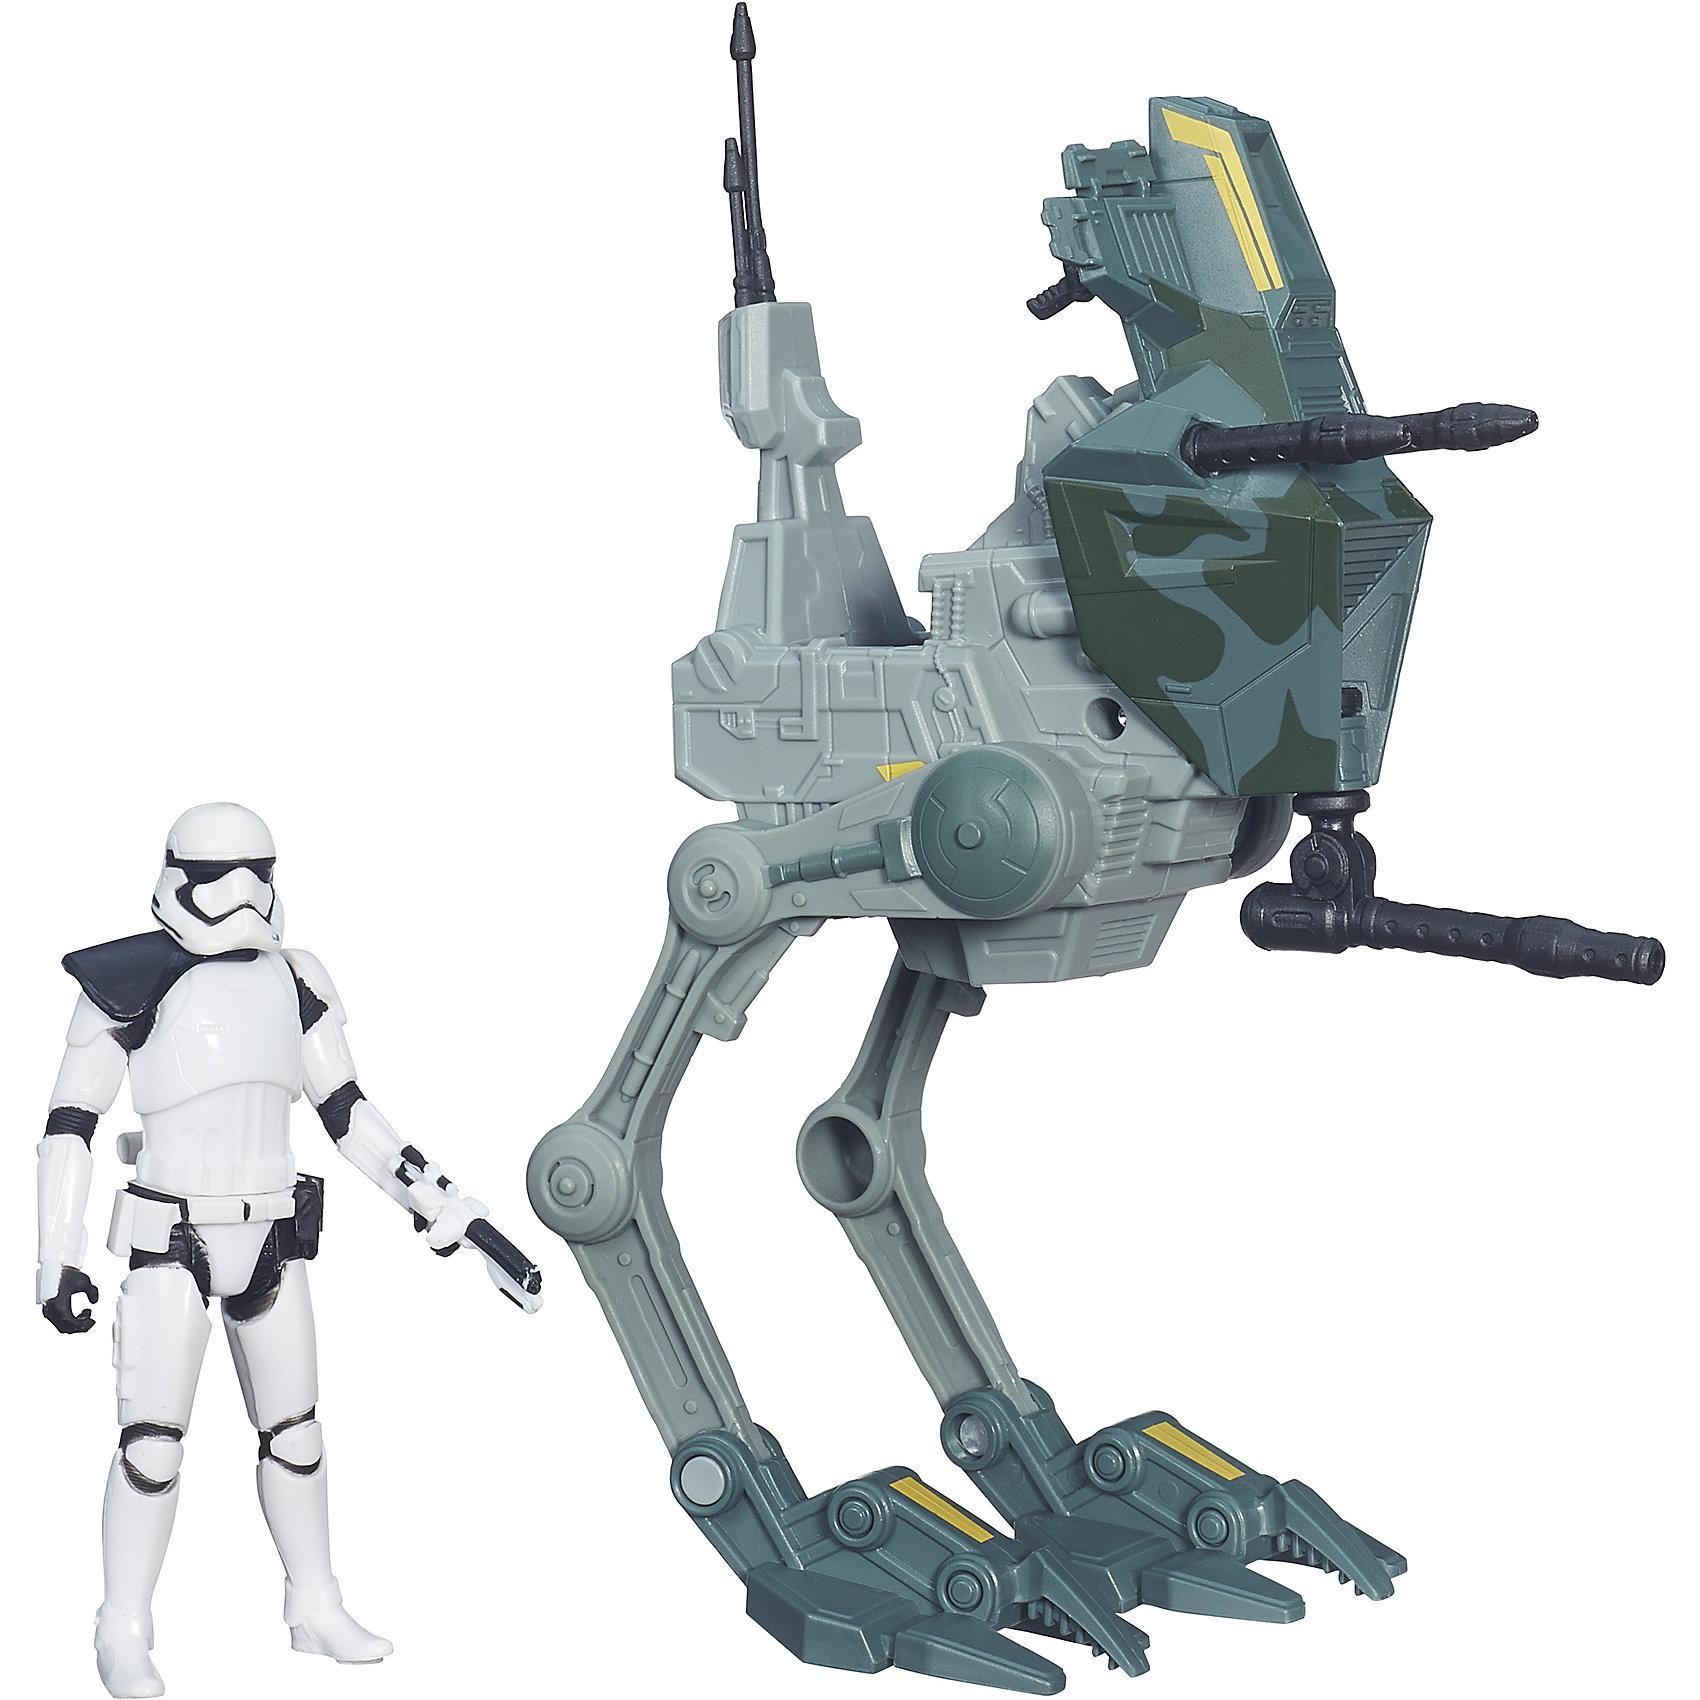 Космический корабль Класс I,  Звездные войны, B3717/B3716Этот набор приведет в восторг всех поклонников Star Wars. В него входит фигурка штурмовика и функциональный мощный шагоход, который  стремительно штурмует позиции противника и преследует убегающих врагов. Игрушка выполнена из высококачественного пластика, прекрасно детализирована, безопасна для детей. Собери все фигурки серии, открой для себя захватывающие истории борьбы добра со злом в галактике космических кораблей и машин!<br><br>Дополнительная информация:<br><br>- Комплектация: фигурка, шагоход, аксессуары.<br>- Материал: пластик.<br>- Голова, руки, ноги фигурки подвижные. <br>- Размер фигурки: 9,5 см.<br>- Размер упаковки: 29,7,5х22 см. <br><br>Набор Космический корабль Класс I,  Звездные войны (Star Wars) можно купить в нашем магазине.<br><br>Ширина мм: 83<br>Глубина мм: 294<br>Высота мм: 228<br>Вес г: 261<br>Возраст от месяцев: 36<br>Возраст до месяцев: 192<br>Пол: Мужской<br>Возраст: Детский<br>SKU: 4563911